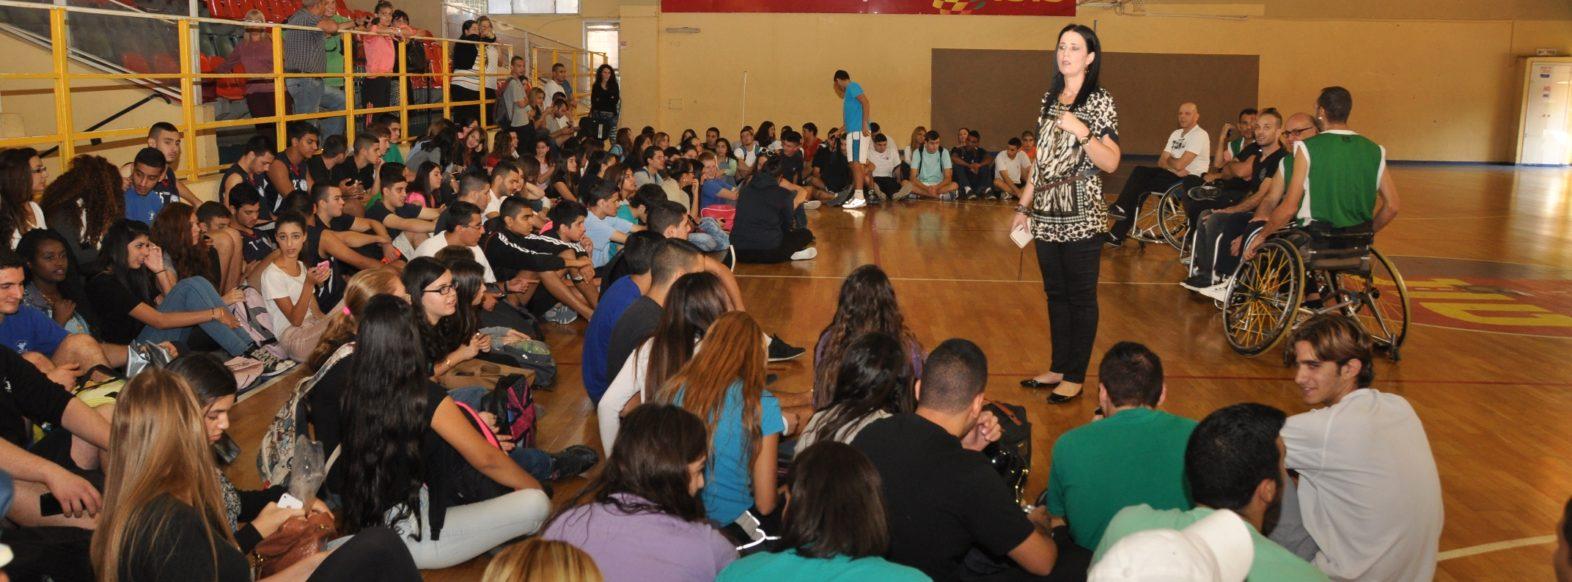 פרויקט בטיחות בדרכים בתיכון רוגוזין